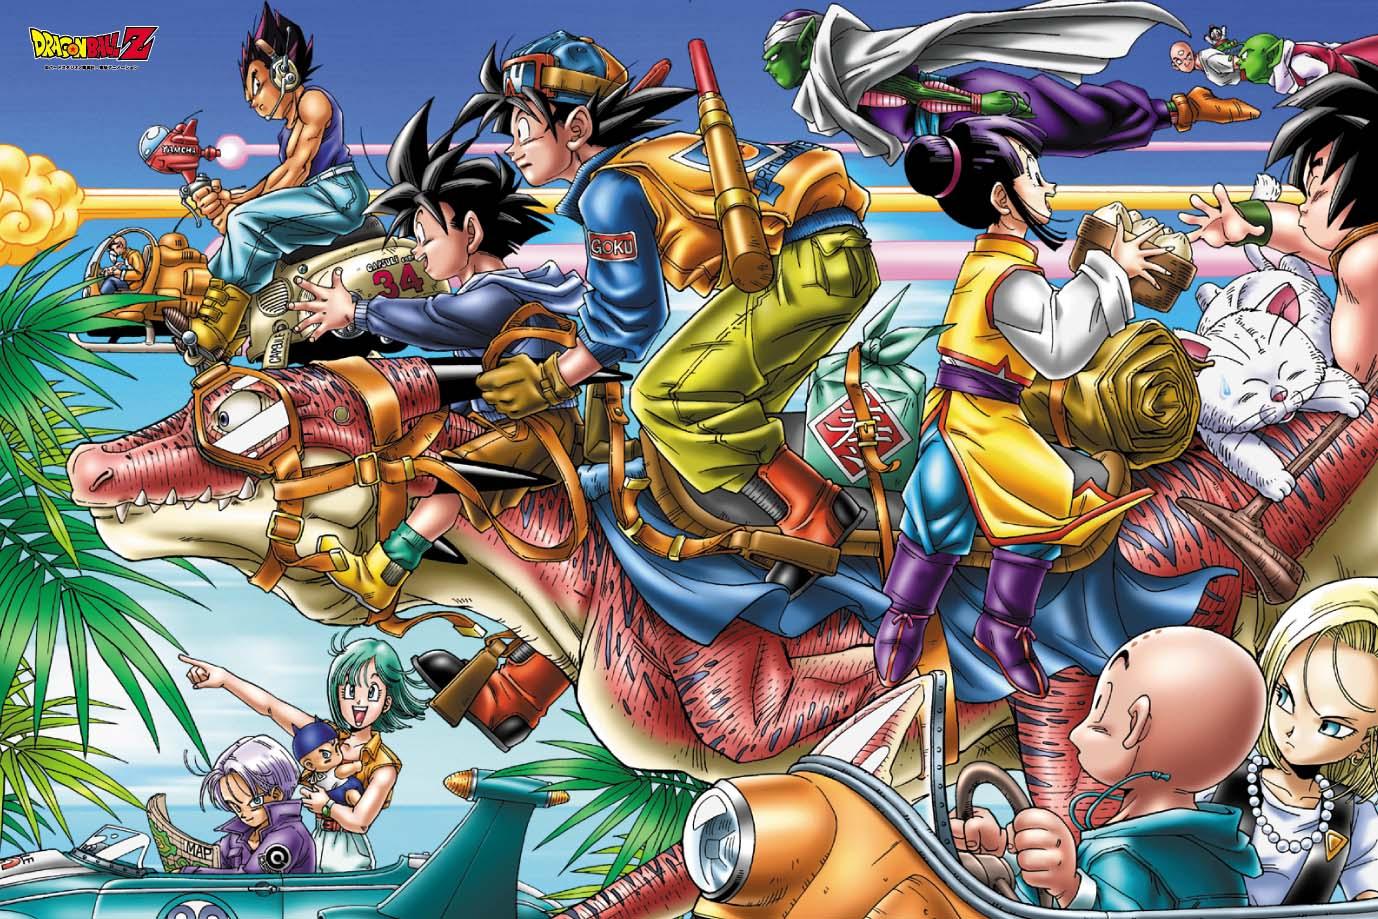 Dragon wallpaper xxxx xxx pic